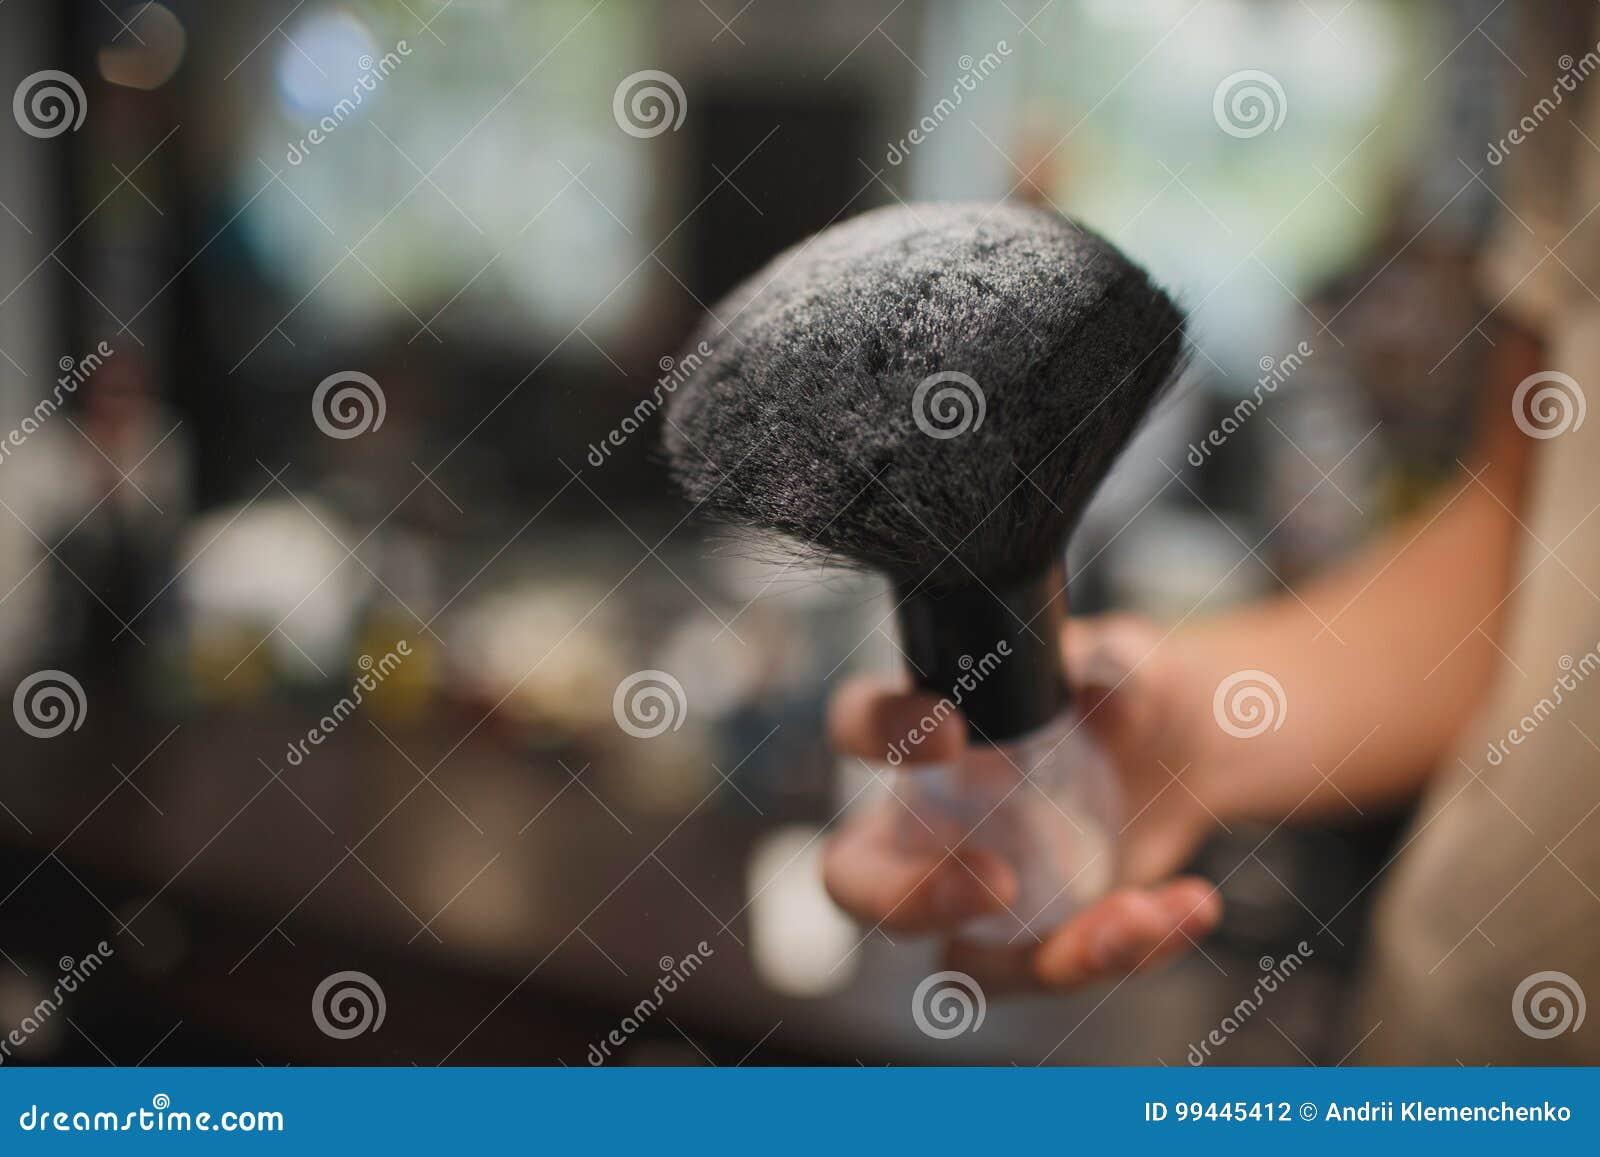 Um close-up de um acessório de rapagem em um fundo borrado Uma escova preta no talco branco Ferramentas para cortar a barba